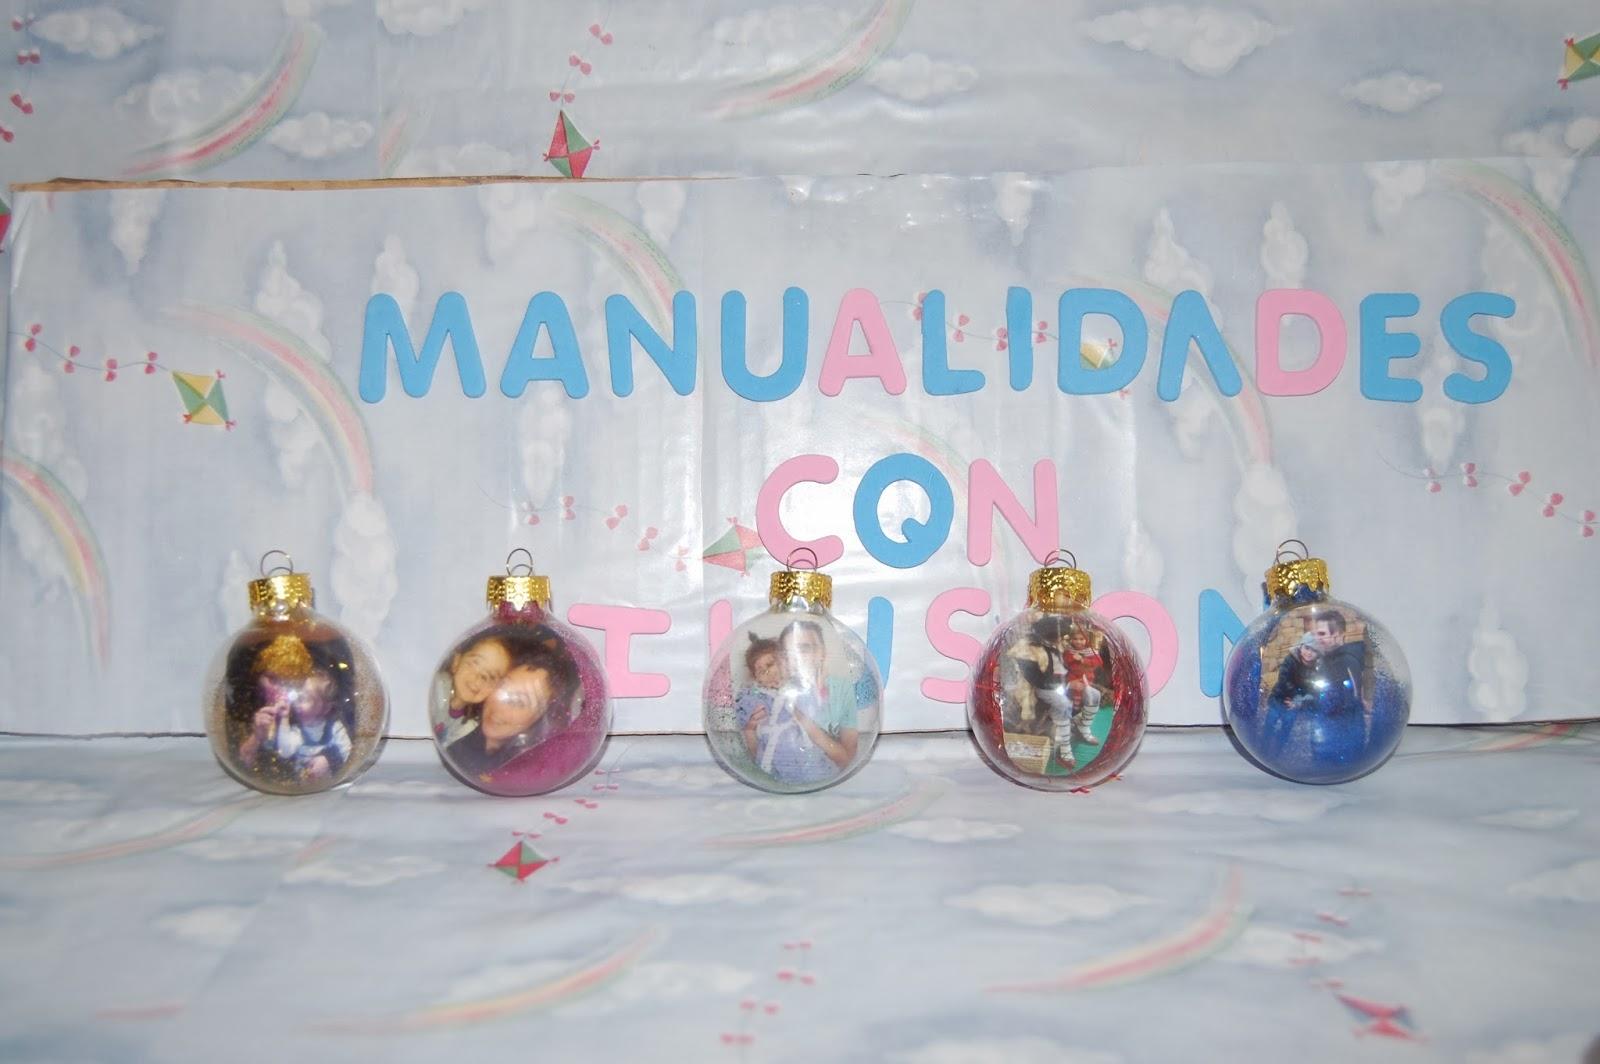 Manualidades con ilusion bolas de navidad personalizadas - Manualidades bolas de navidad ...